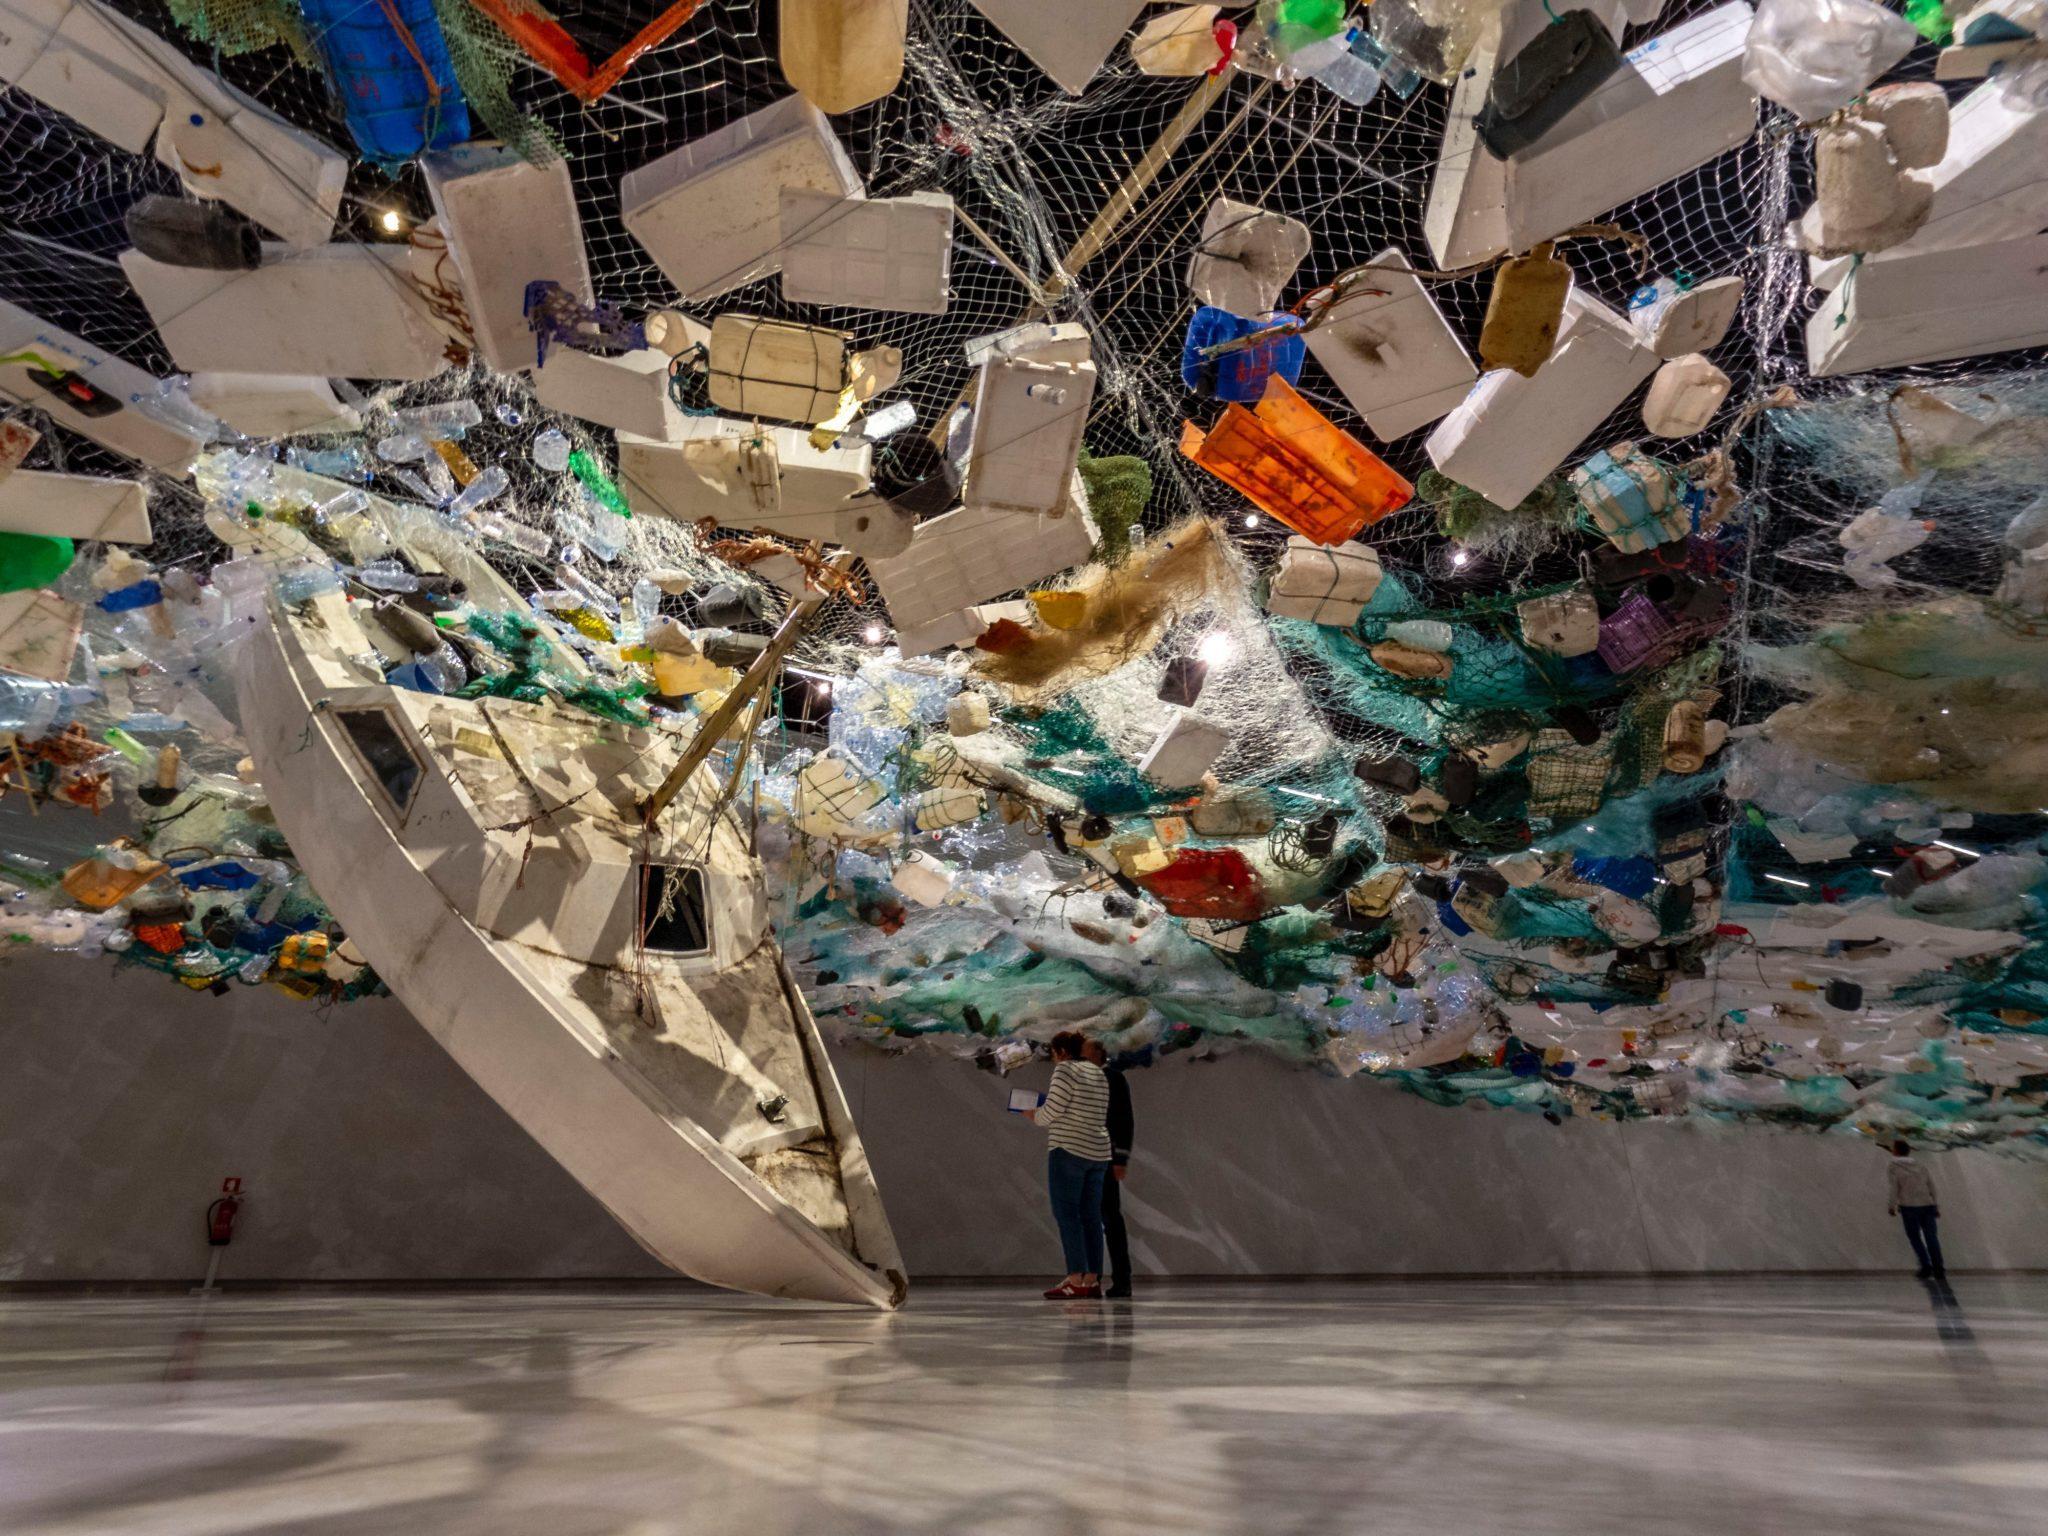 Πλαστικά: ένα παγκόσμιο πρόβλημα και γιατί η ανακύκλωση δεν είναι αρκετή